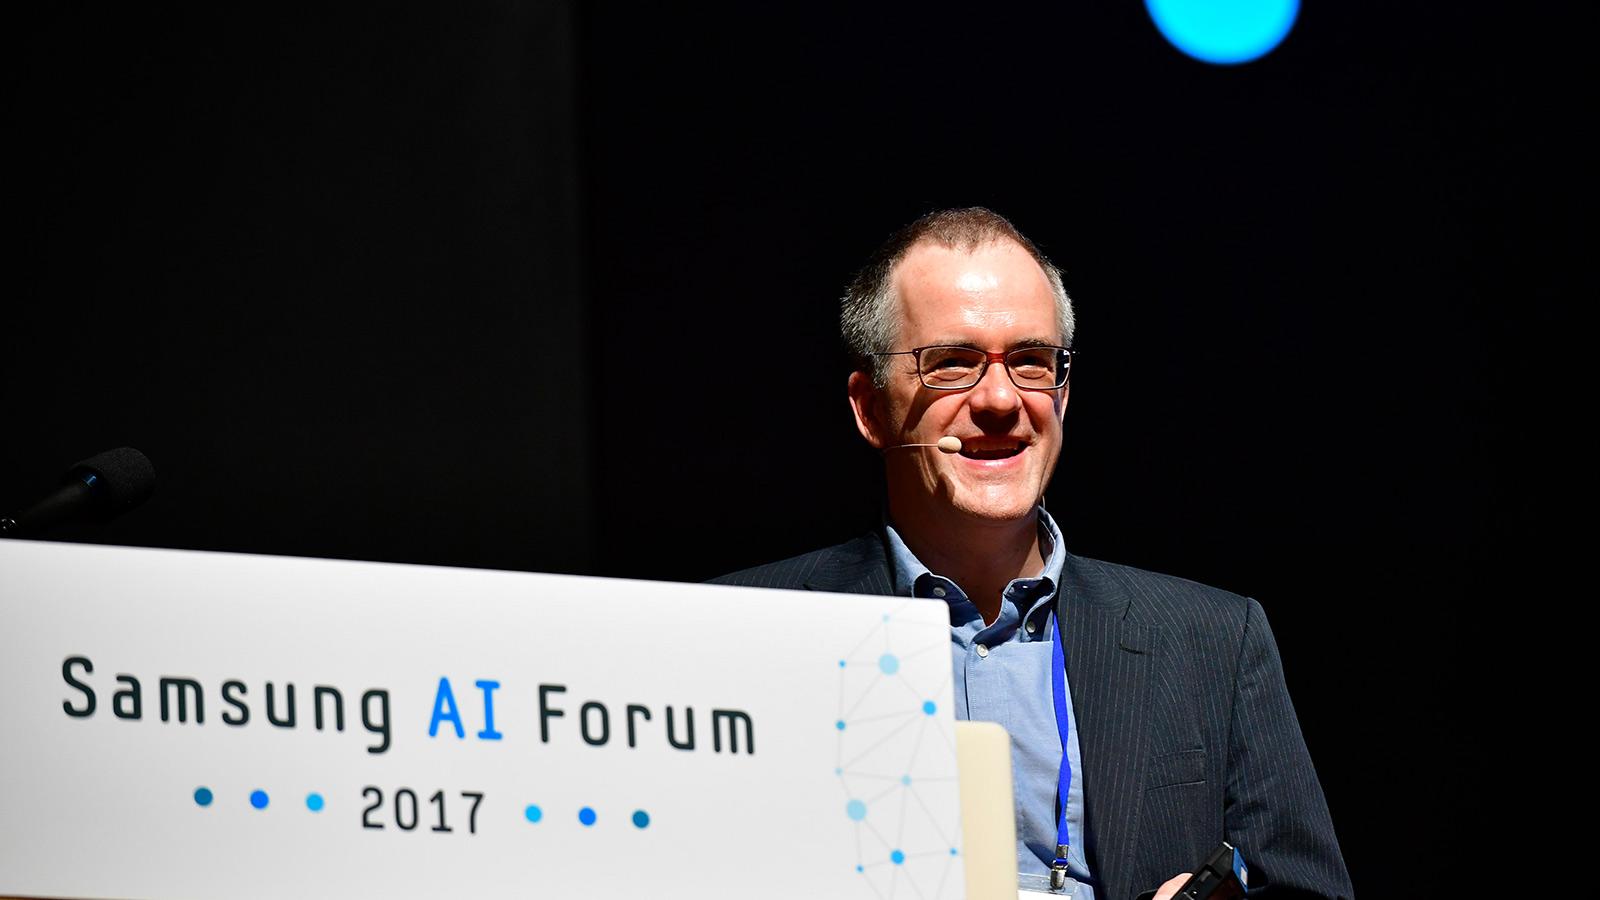 Samsung AI Forum